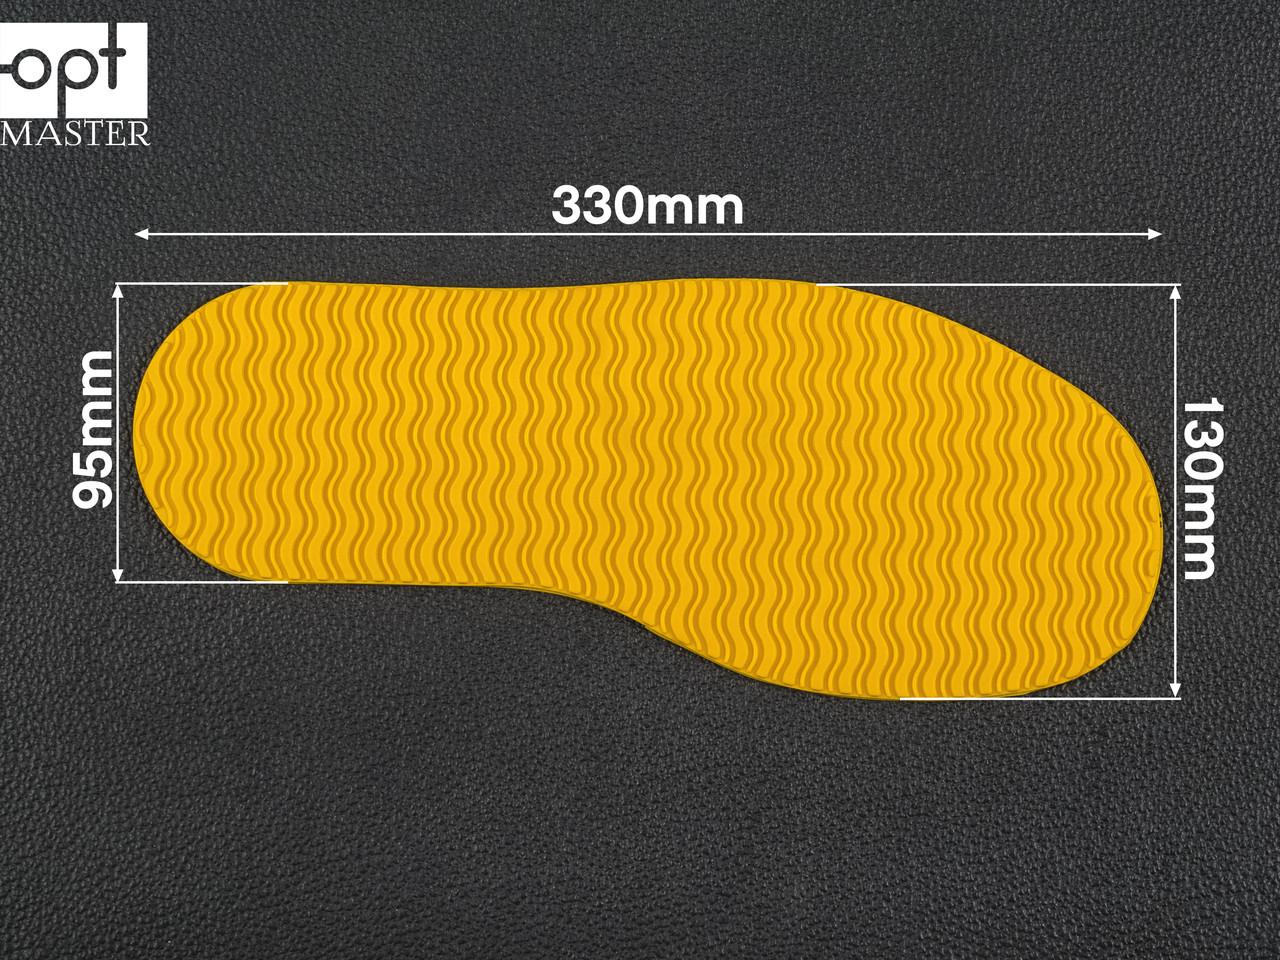 След подошвы обуви Favor, жёлтый art.106